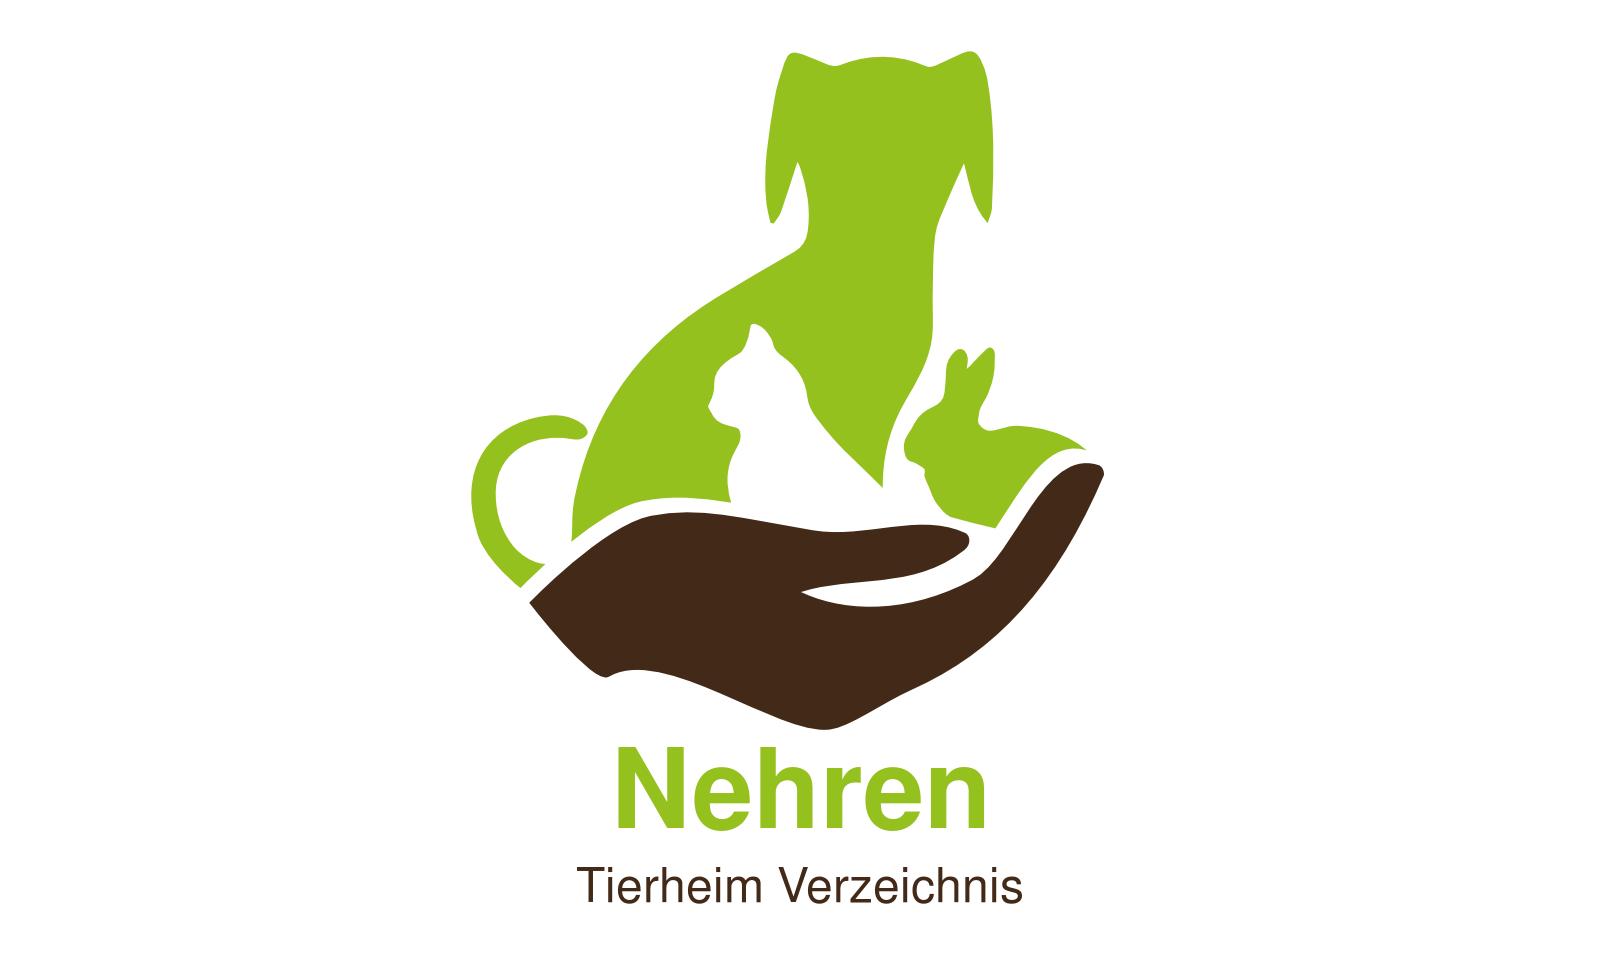 Tierheim Nehren